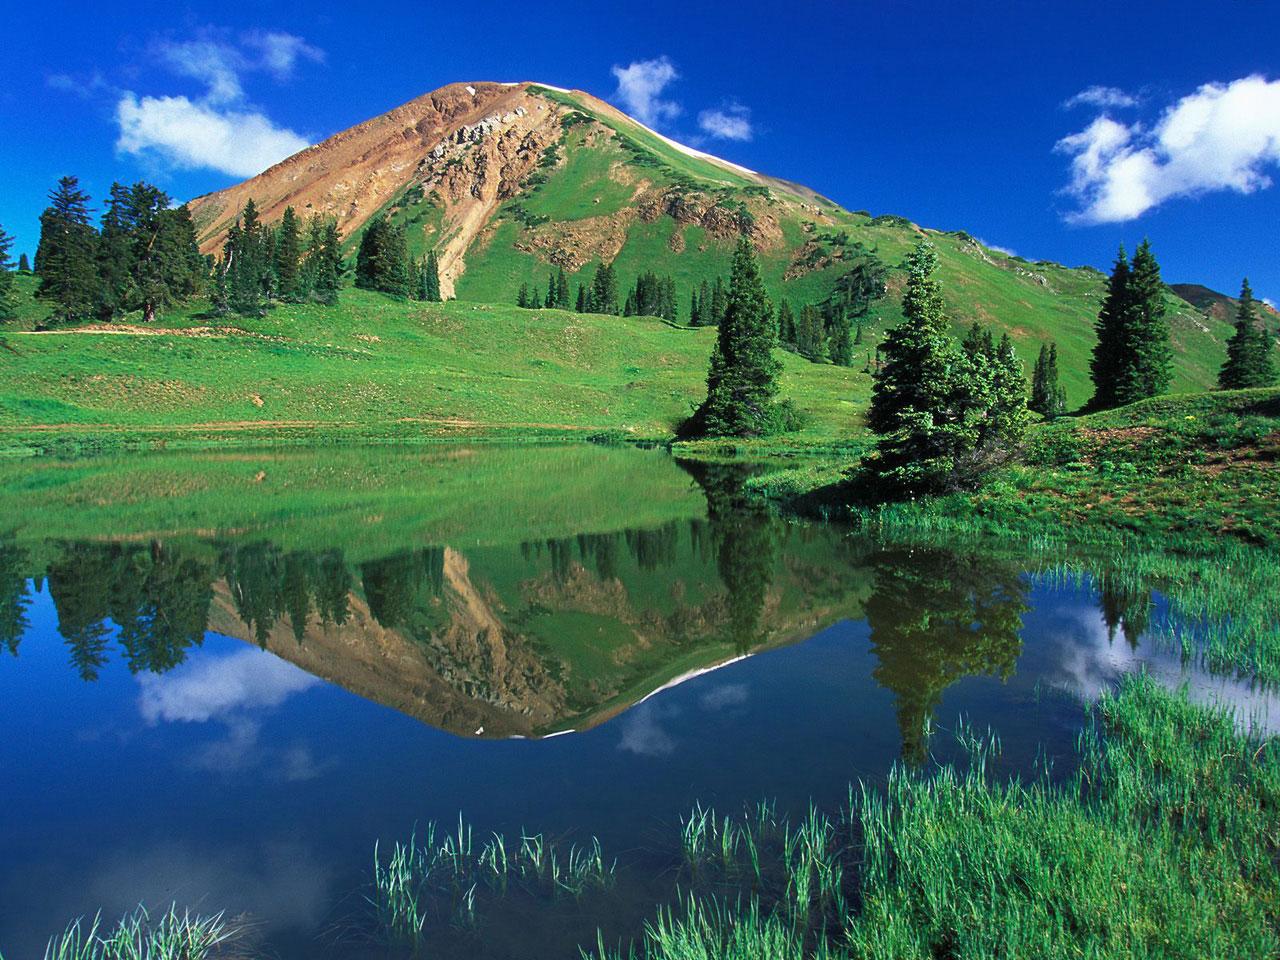 http://2.bp.blogspot.com/-7qit38BEw80/T4Xldz_l7sI/AAAAAAAAA-k/edZuRyARj10/s1600/1280x960-hd-natural-wallpaper.jpg